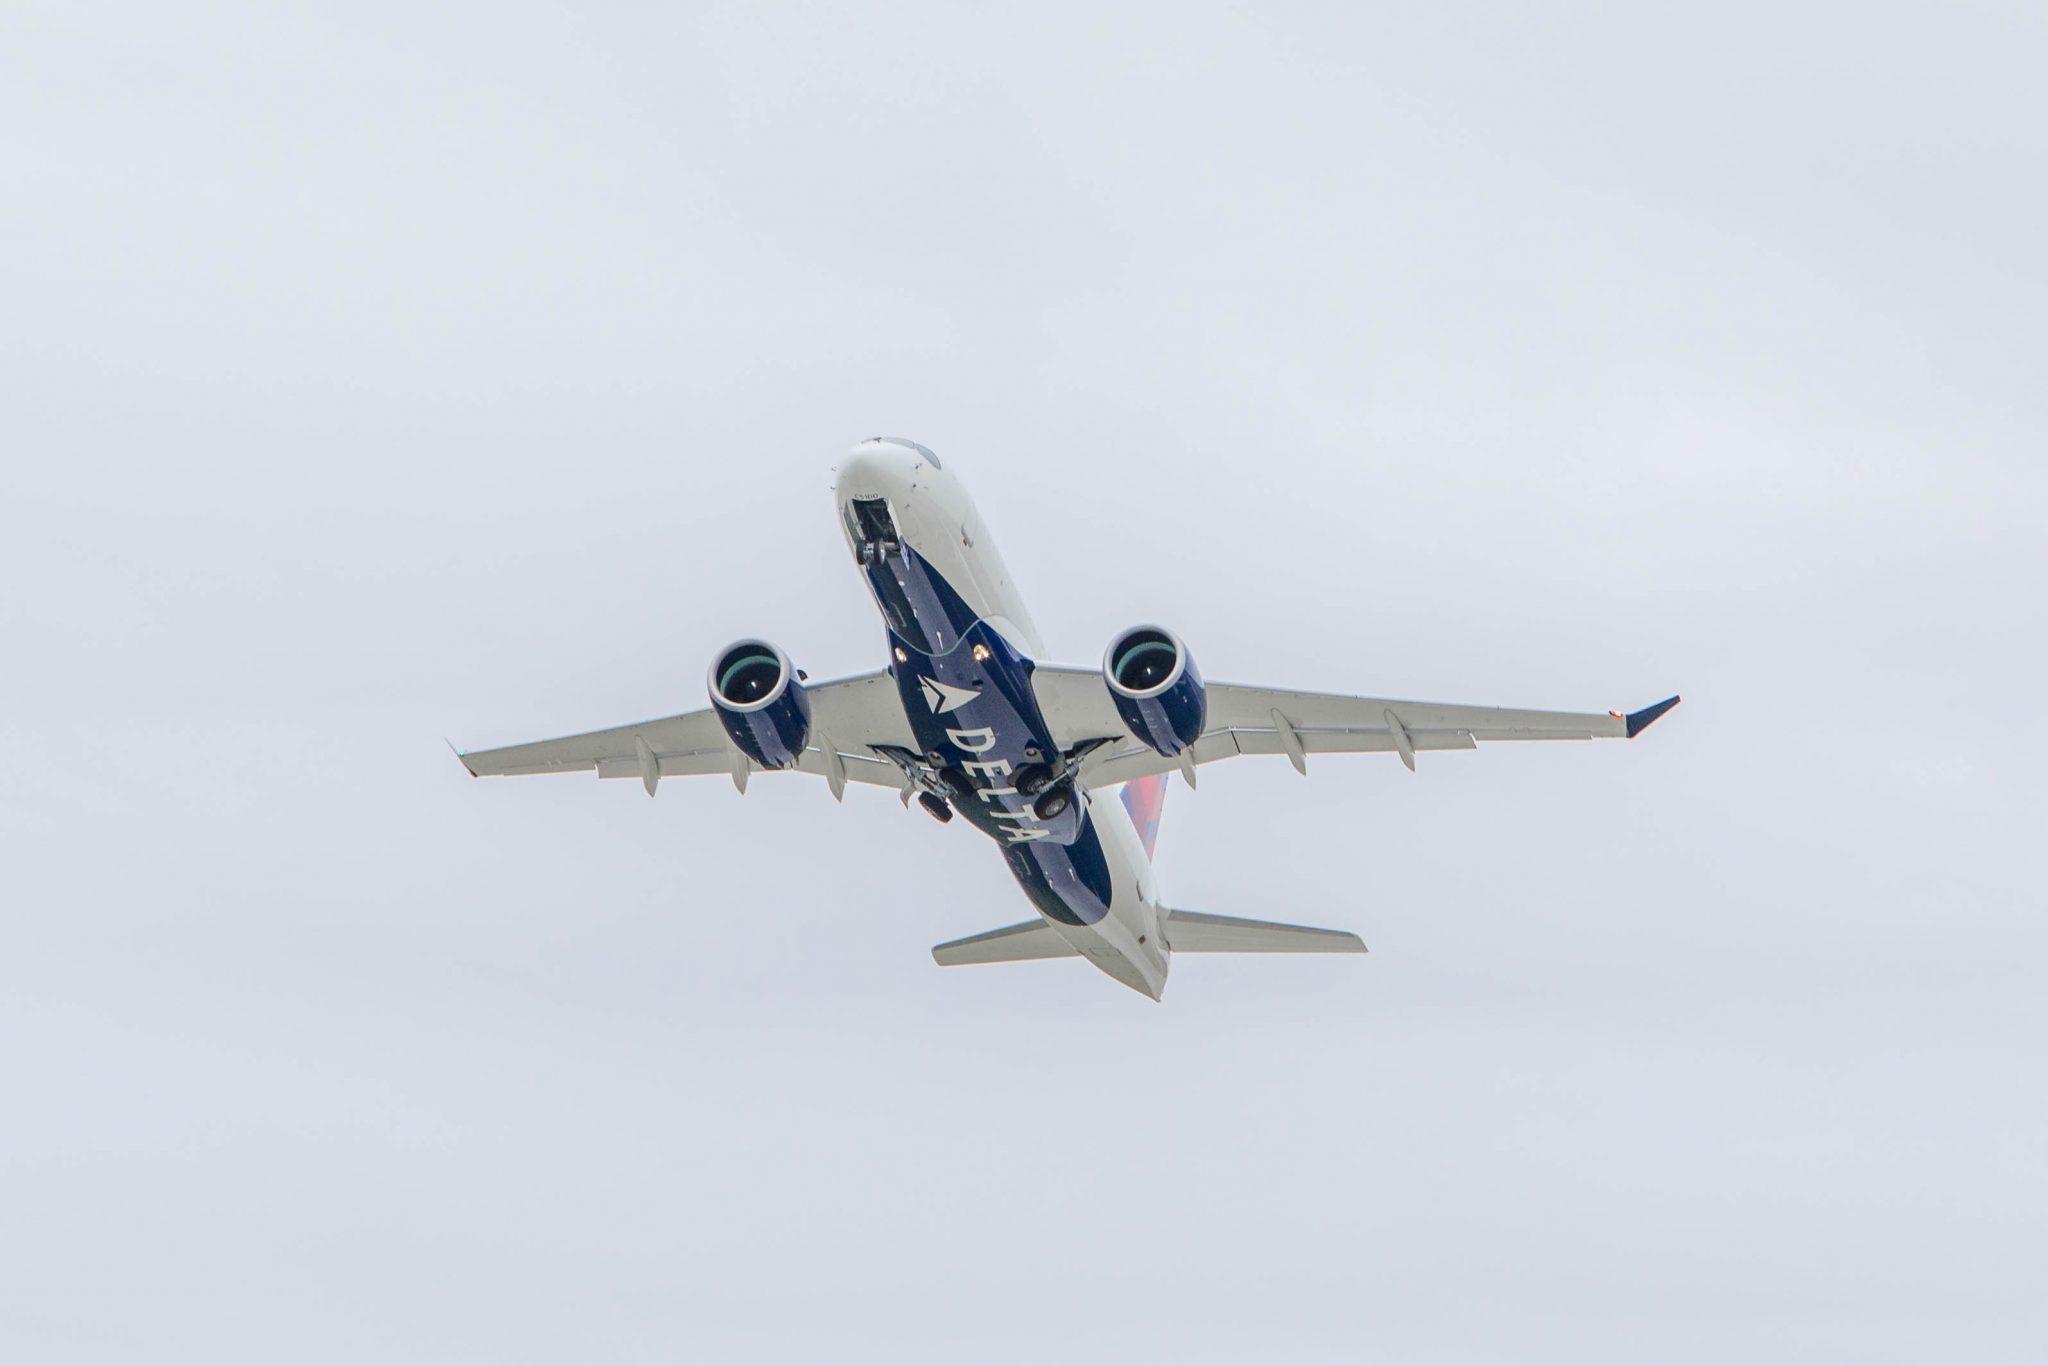 Delta Air Lines compra a Airbus otros cinco aviones A220-100 adicionales, valorados en 361 millones